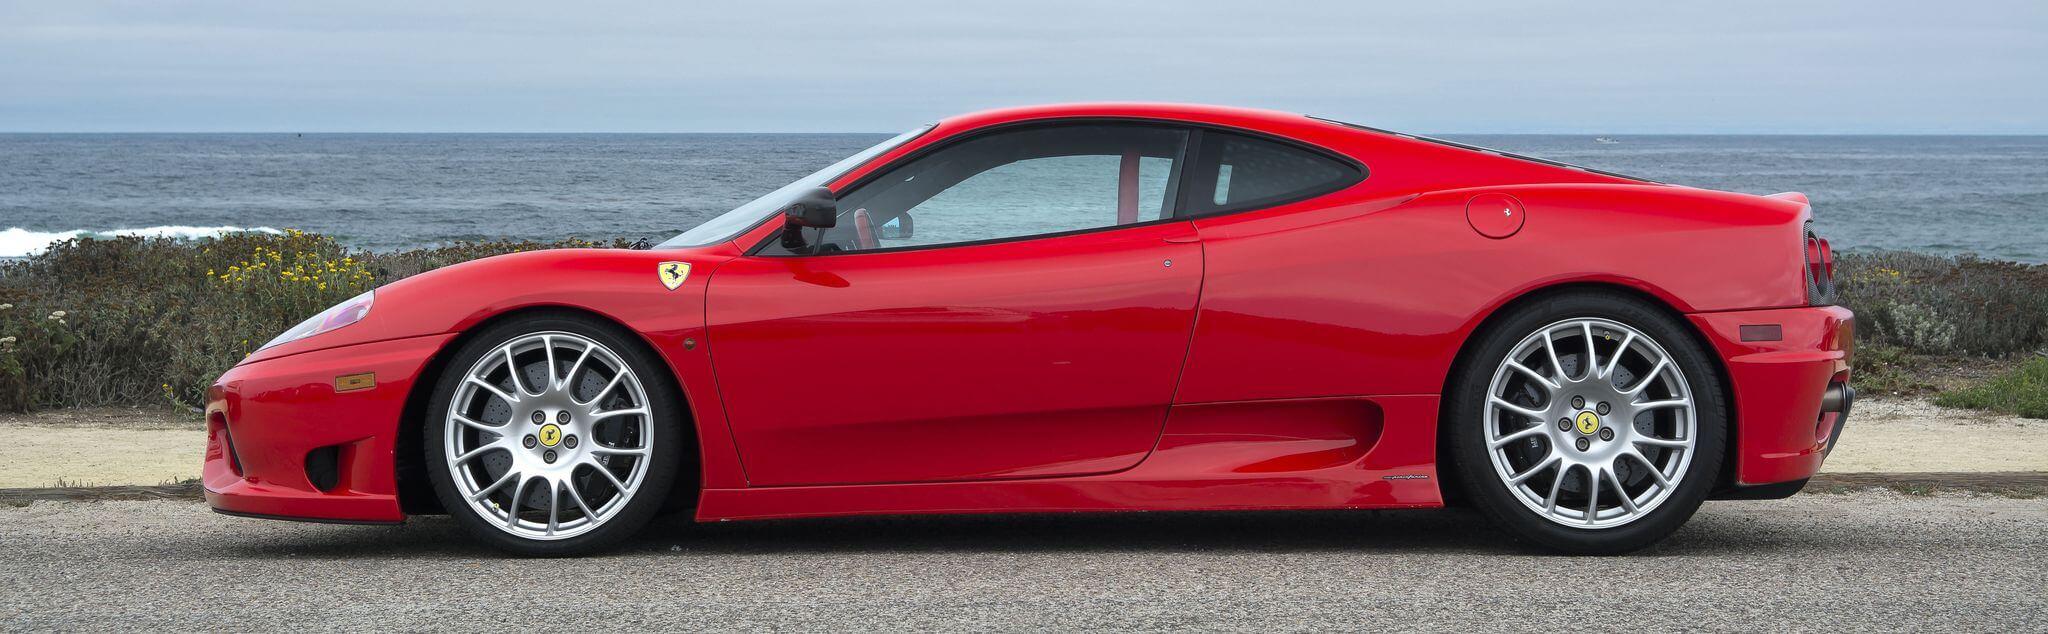 Guidare una Ferrari a Adria